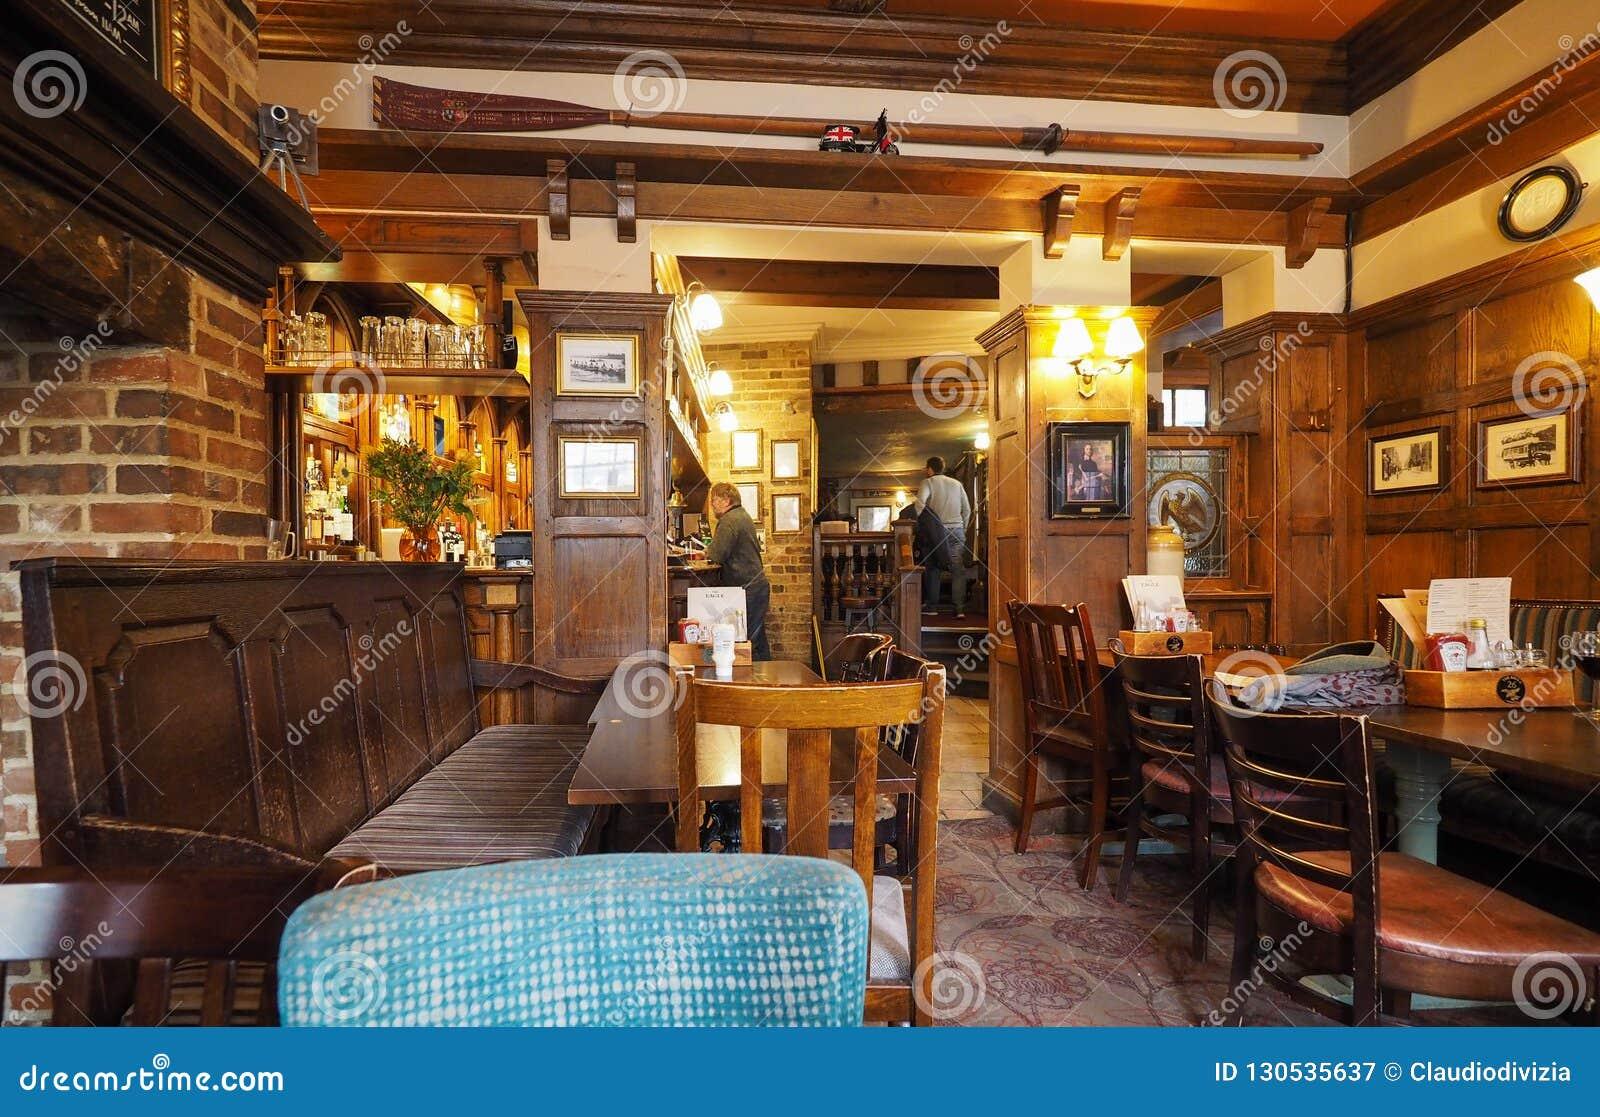 Eagle Pub in Cambridge